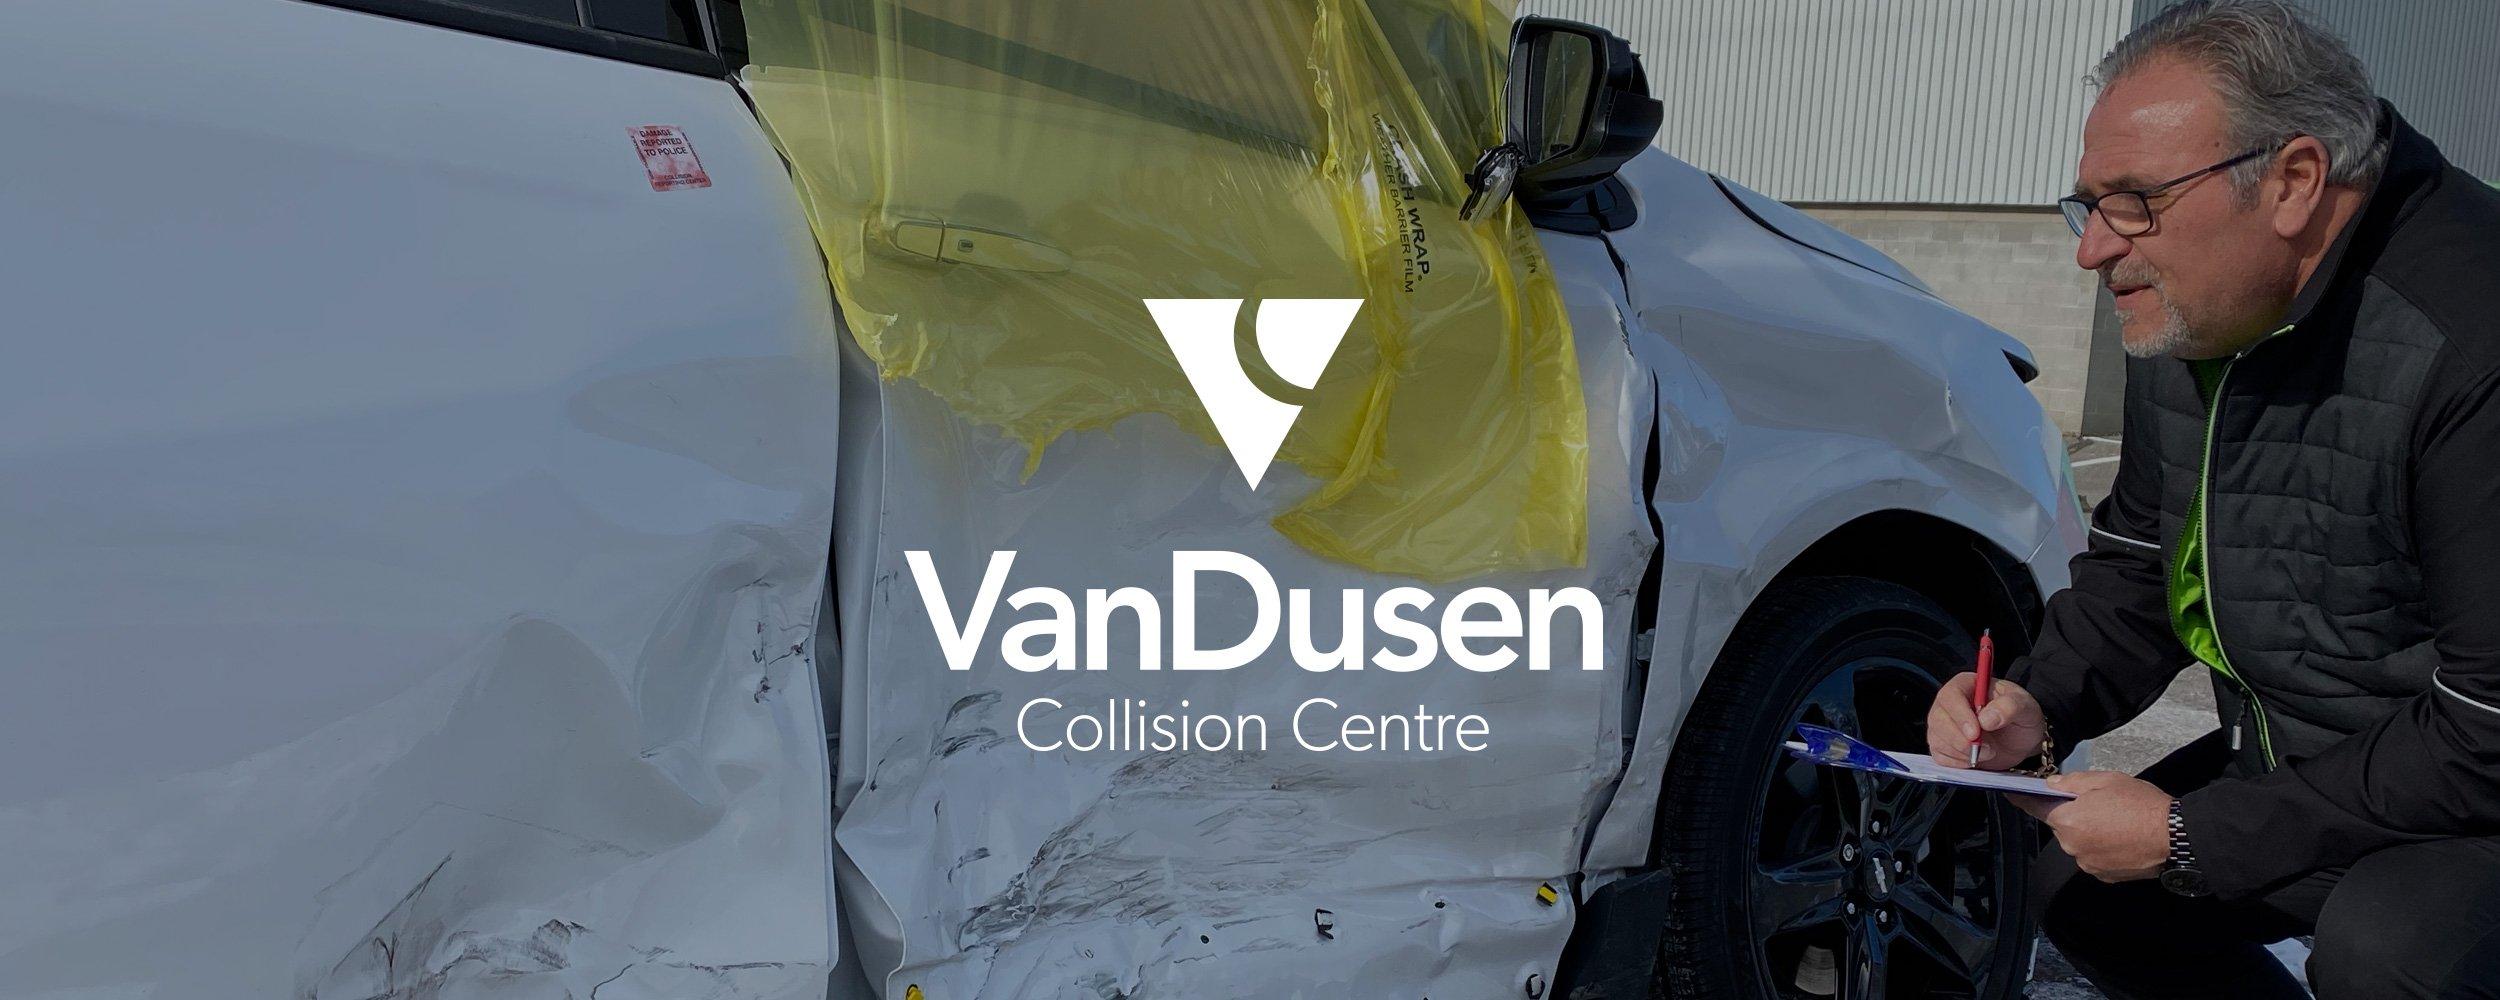 VanDusen Collision Centre